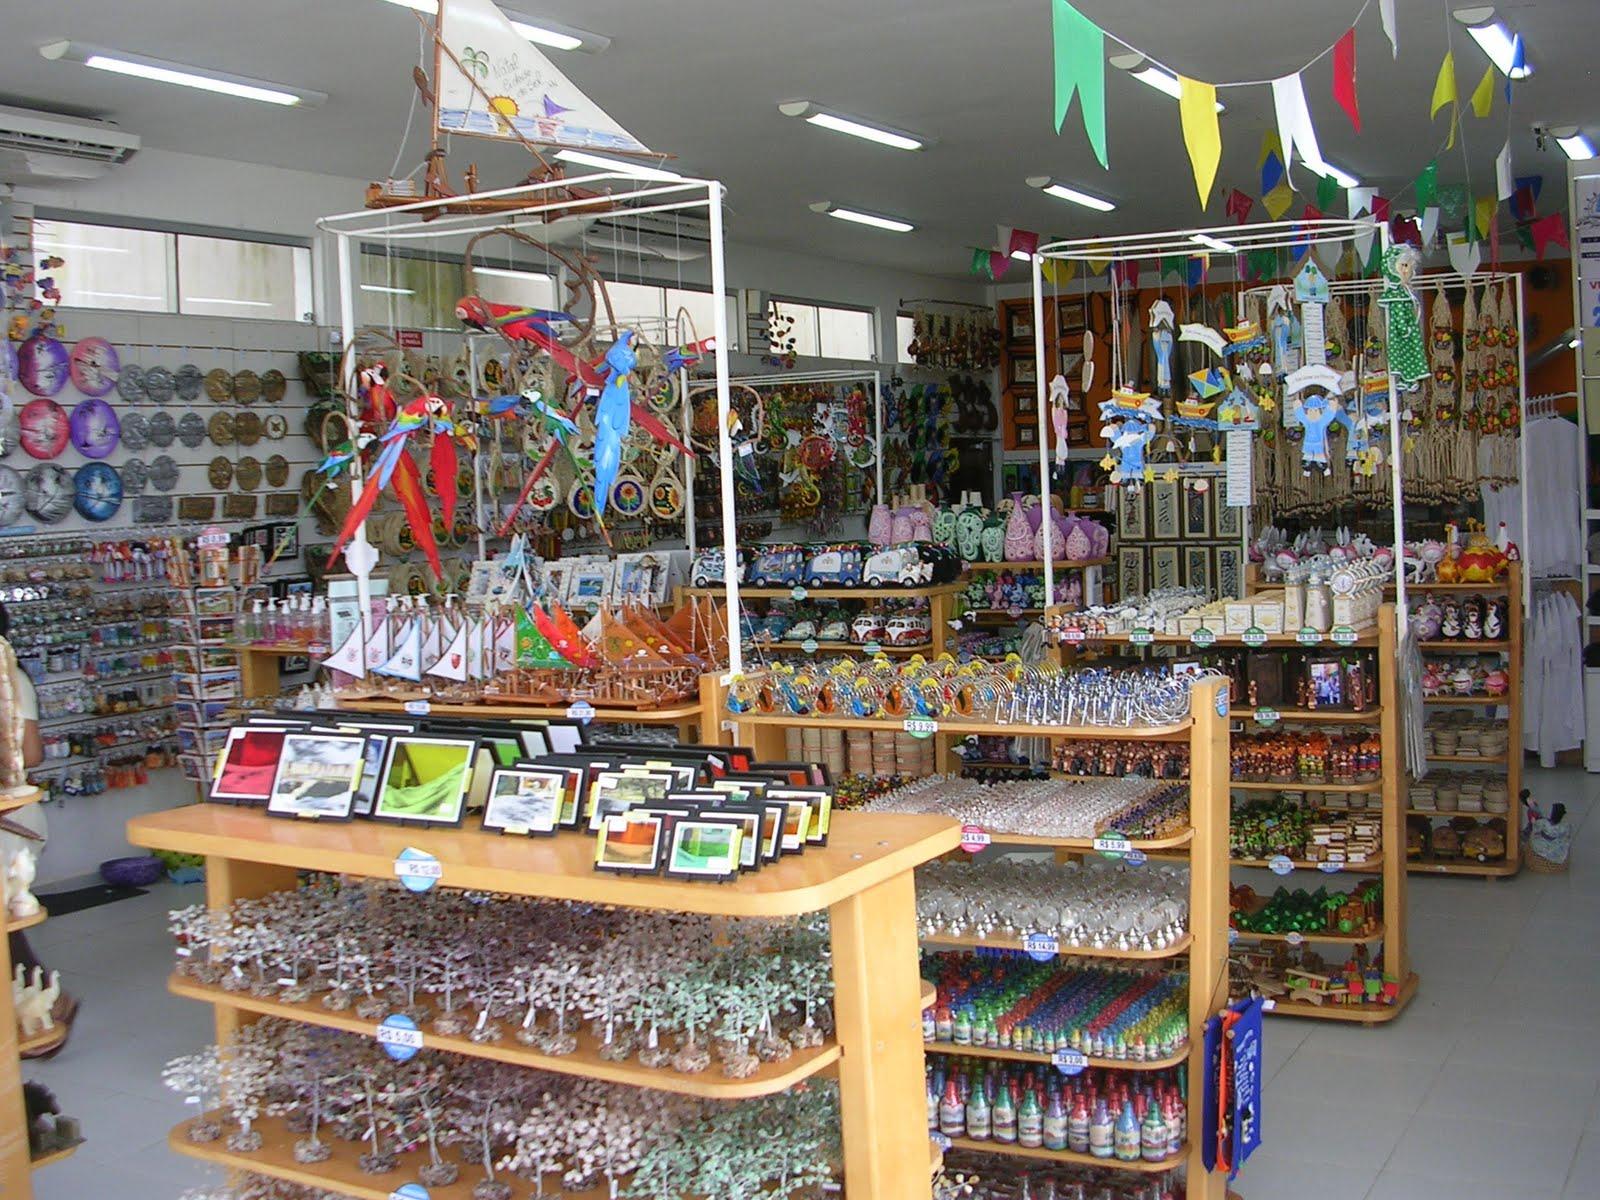 Artesanato Em Feltro Para Pascoa ~ Cariocando por aí  Natal Artesanatos, cores e histórias